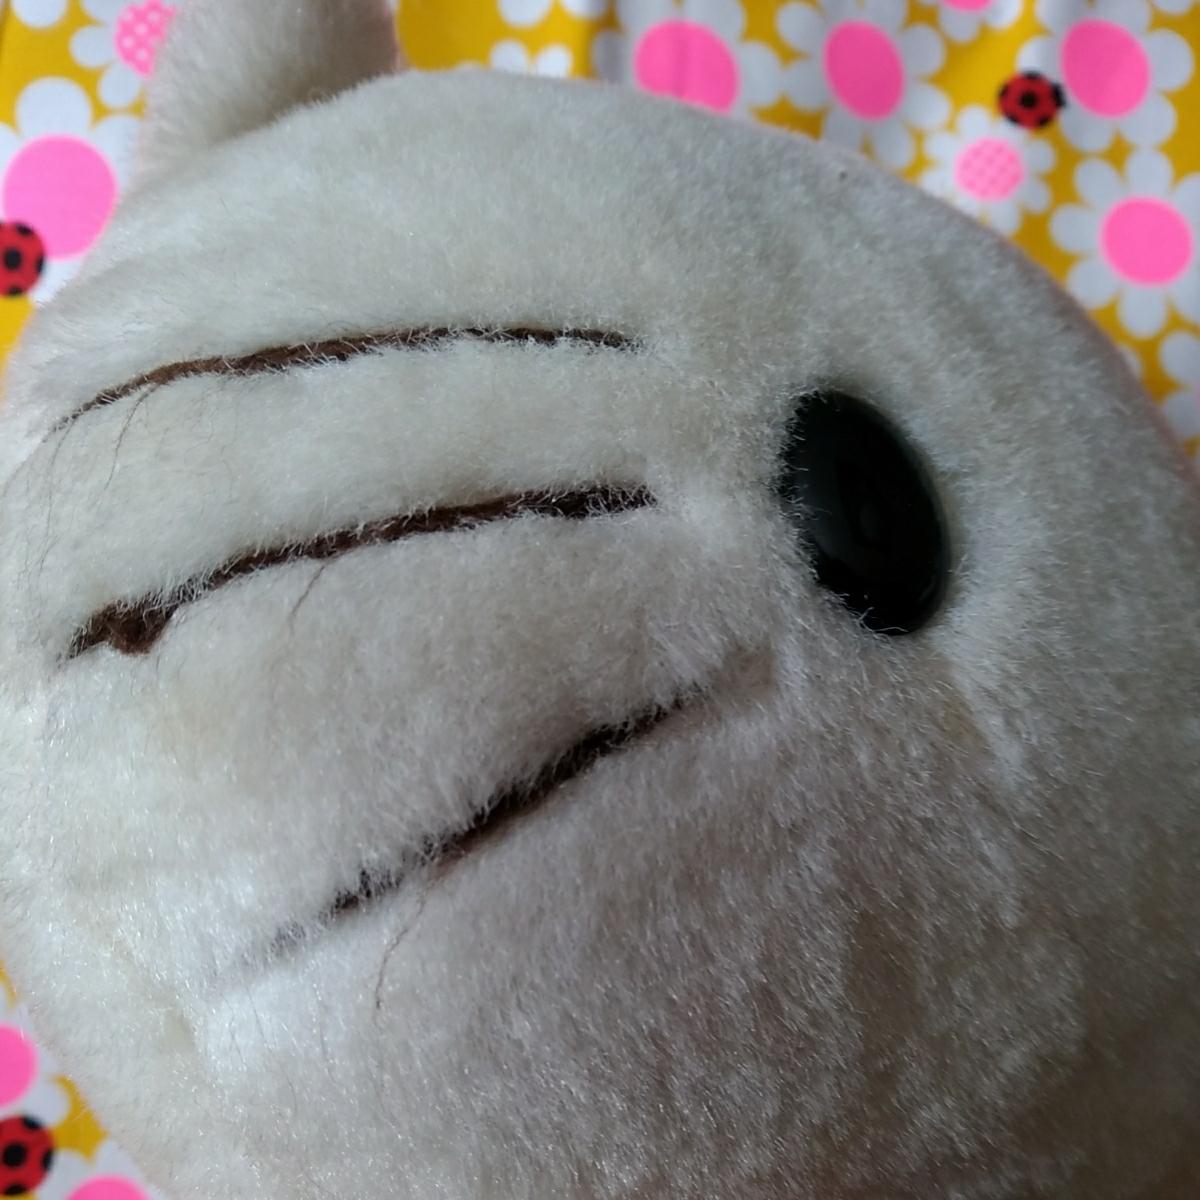 年代物 当時物 昭和 レトロ サンリオ キティ 希少 ぬいぐるみ 人形 30cm 難あり コレクション コレクター 日本製_画像8